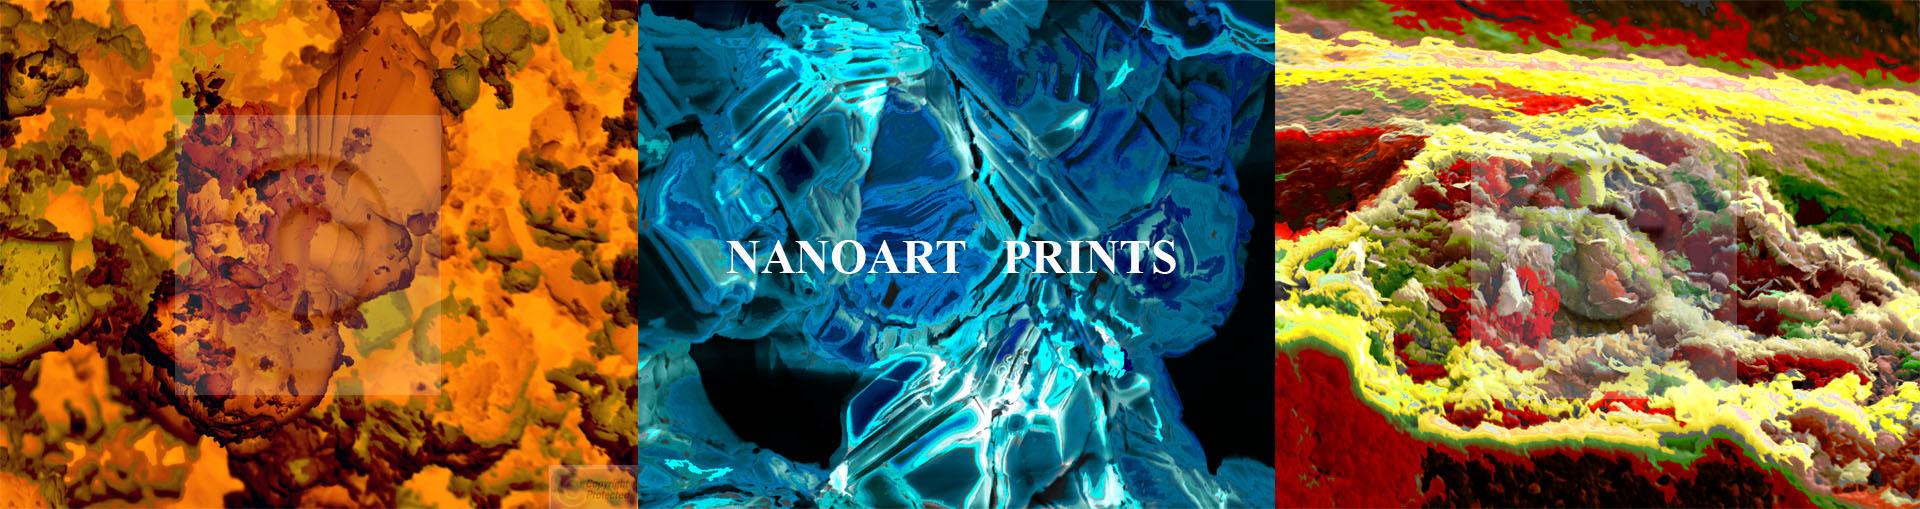 NanoArt-Prints